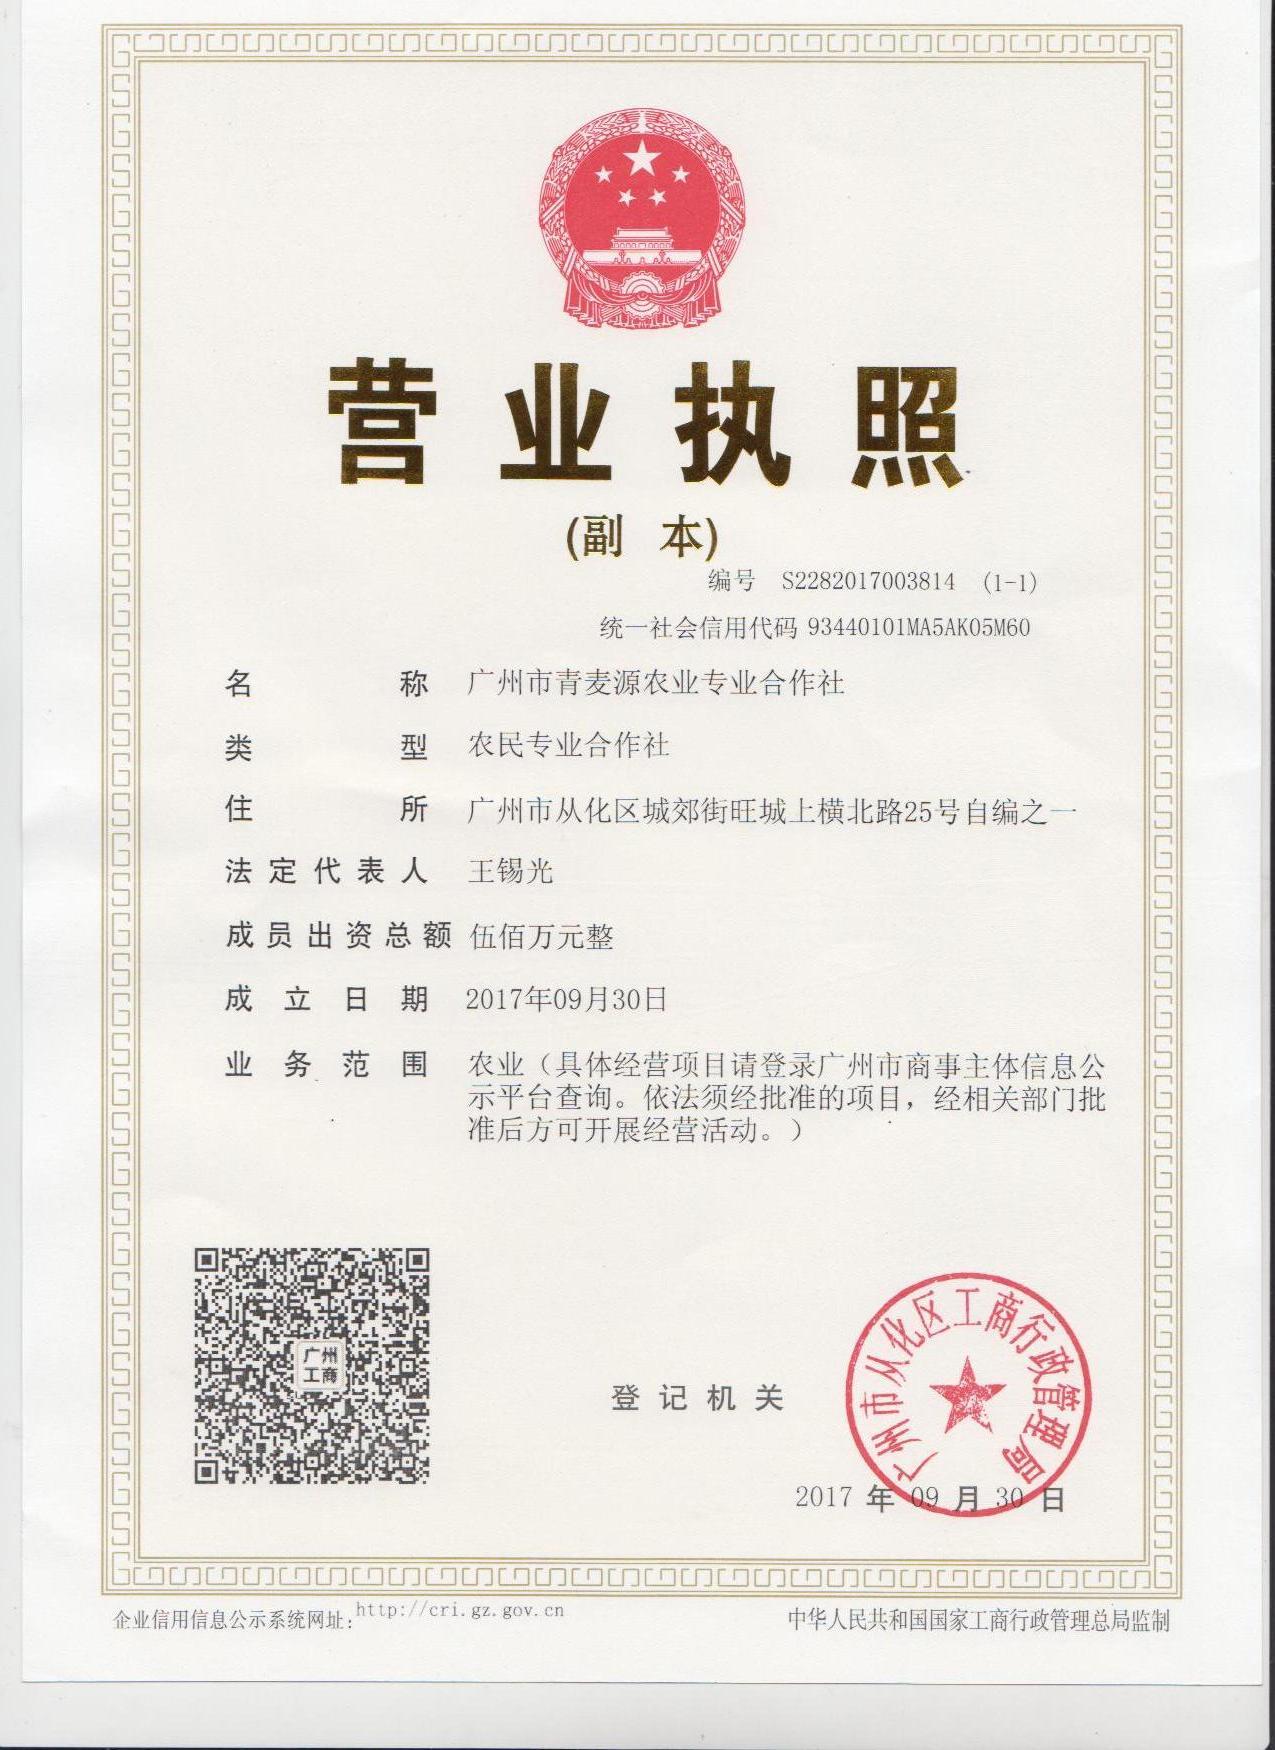 食品安全管理体系_青麦源种植、养殖基地营业执照-广州市青麦源餐饮管理服务有限 ...